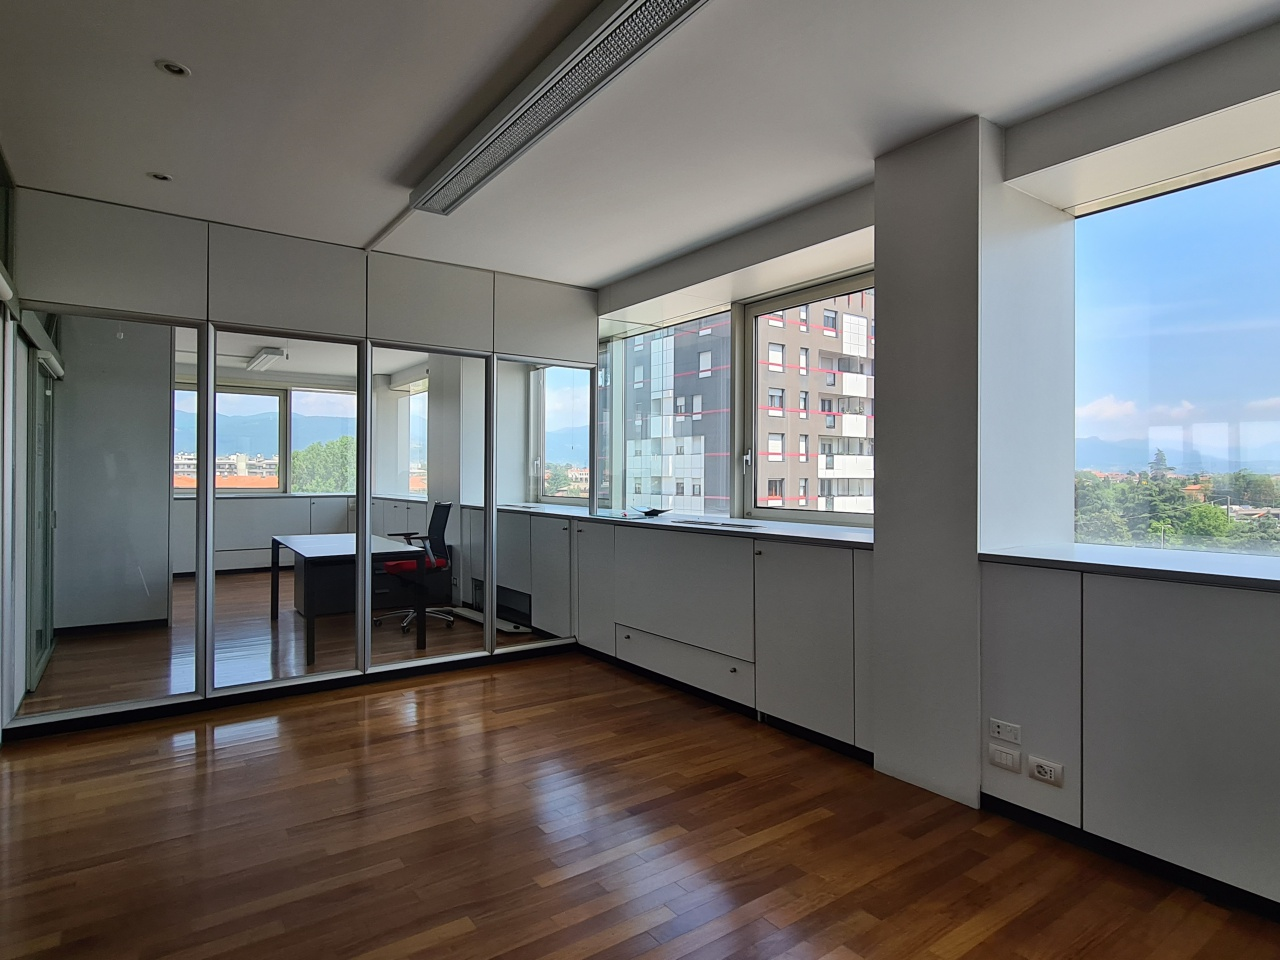 Ufficio / Studio in vendita a Bergamo, 4 locali, prezzo € 320.000 | CambioCasa.it